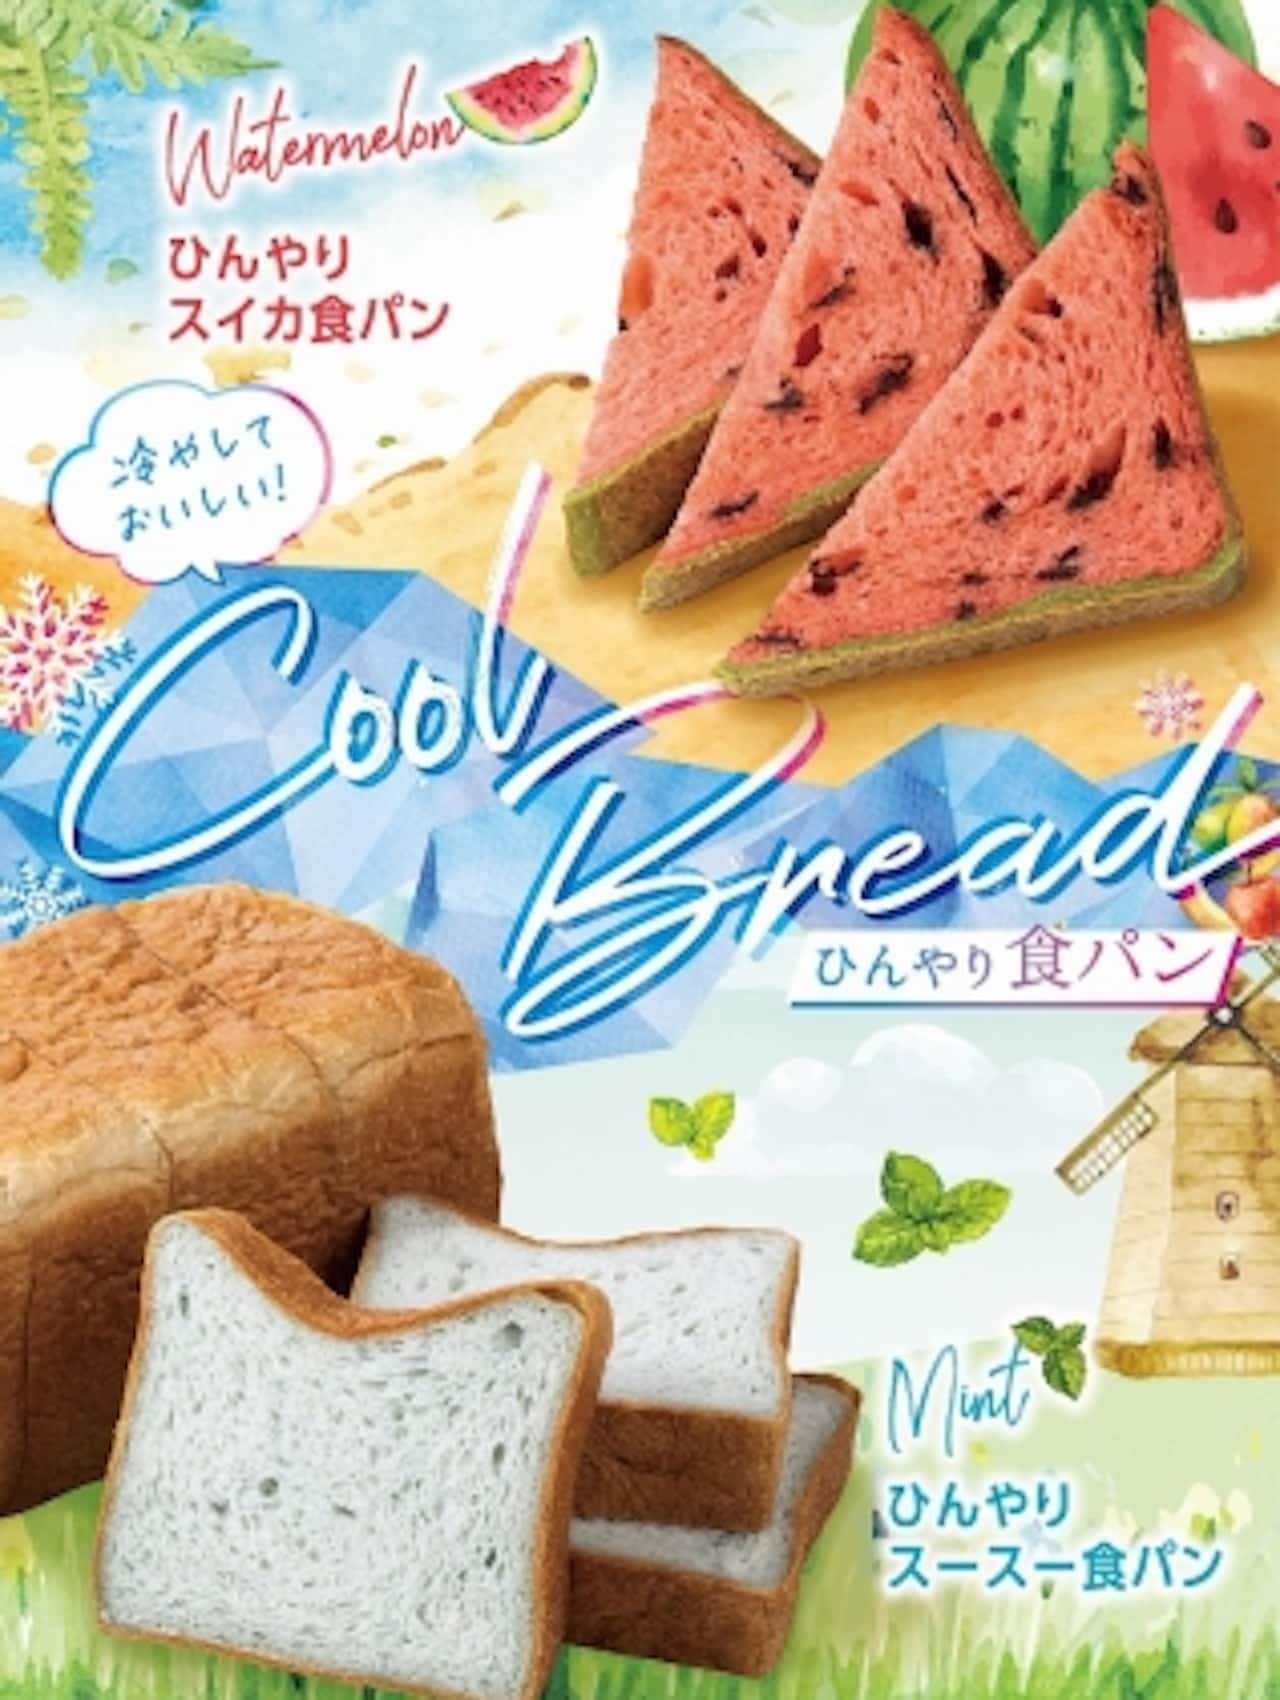 ひんやり食パン「ひんやりスイカ食パン」「ひんやりスースー食パン」アールベイカーなどに